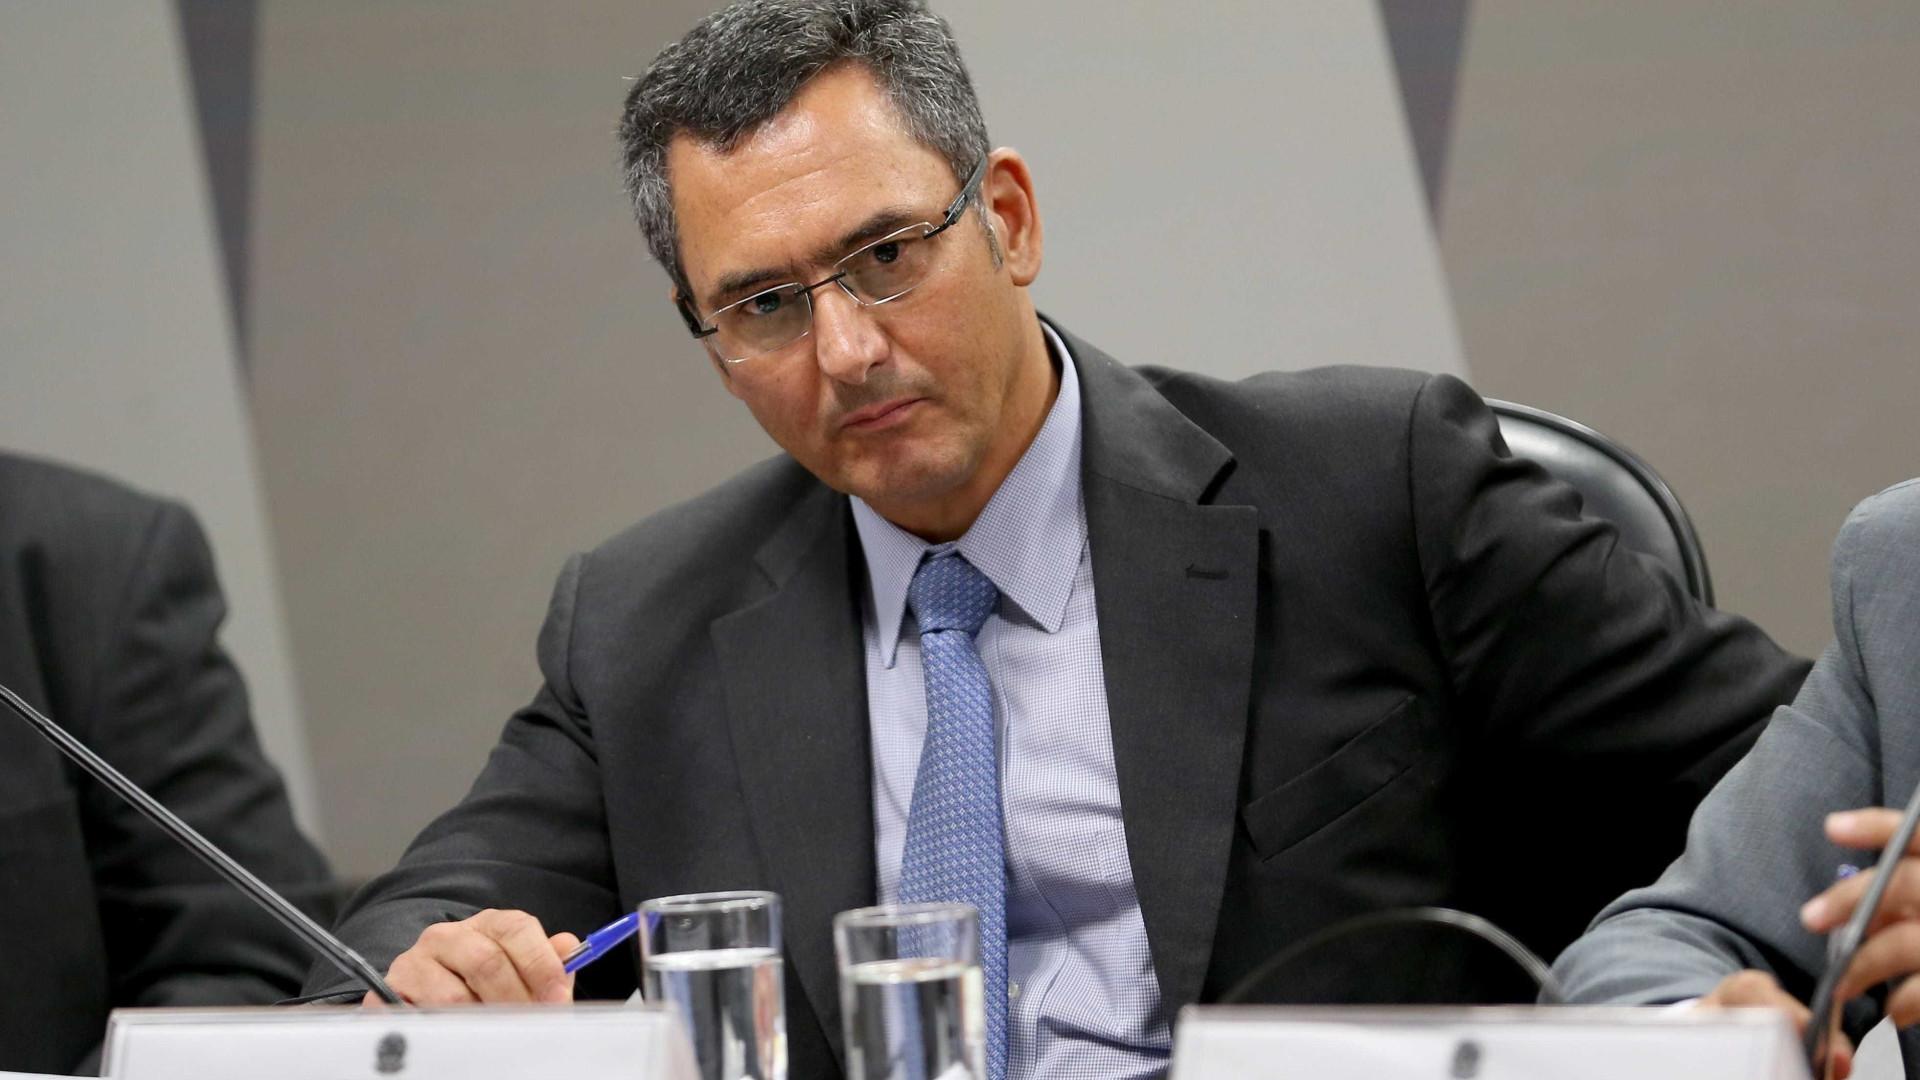 Reformas irão se impor para o próximo presidente, diz ministro